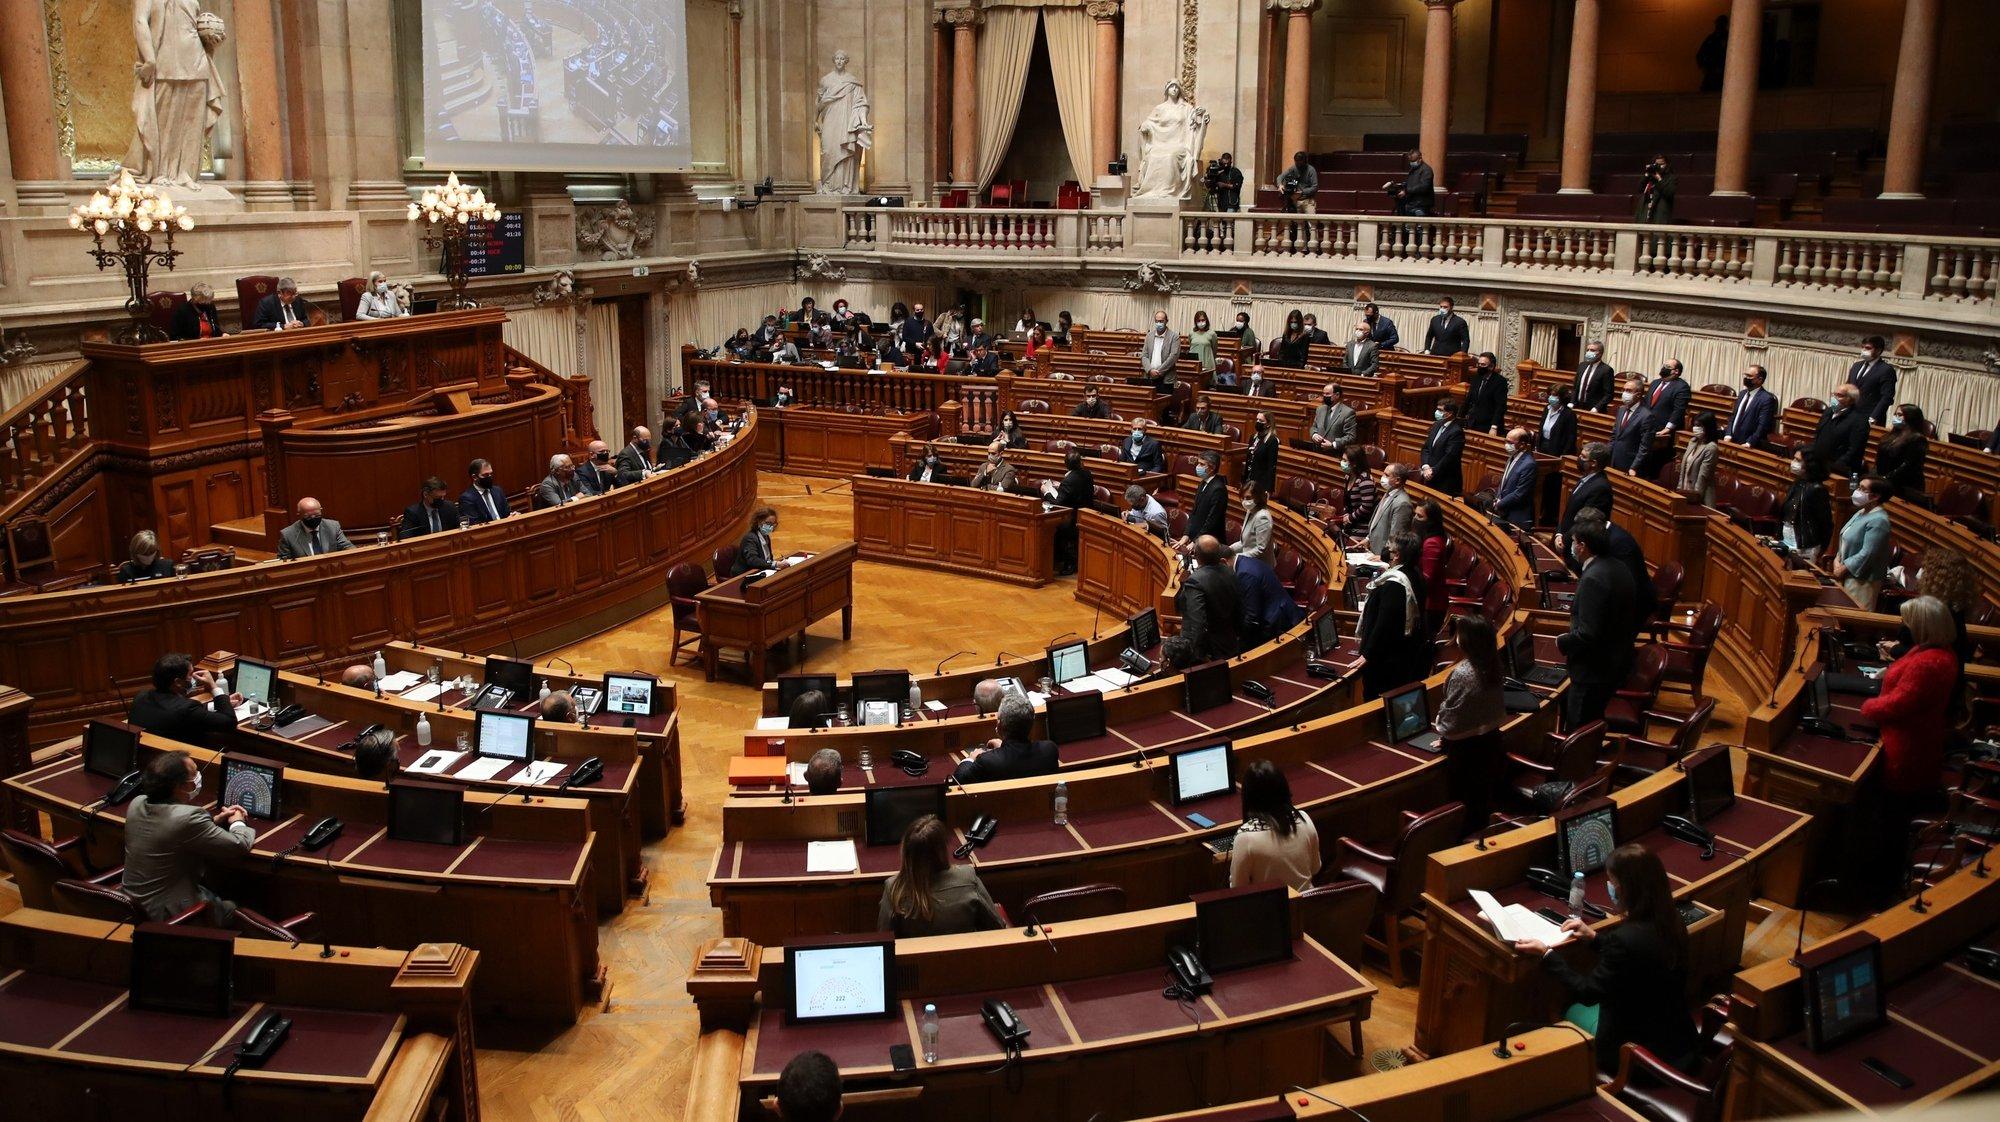 Deputados do Partido Socialista (PS) votam a favor do Orçamento do Estado 2021 (OE2021), na Assembleia da República, em Lisboa, 26 de novembro de 2020. O parlamento aprovou hoje a proposta bloquista de alteração ao Orçamento do Estado que anula a transferência de 476 milhões de euros do Fundo da Resolução destinada ao Novo Banco, com votos favoráveis do PSD, BE, PCP e PAN. MANUEL DE ALMEIDA/LUSA